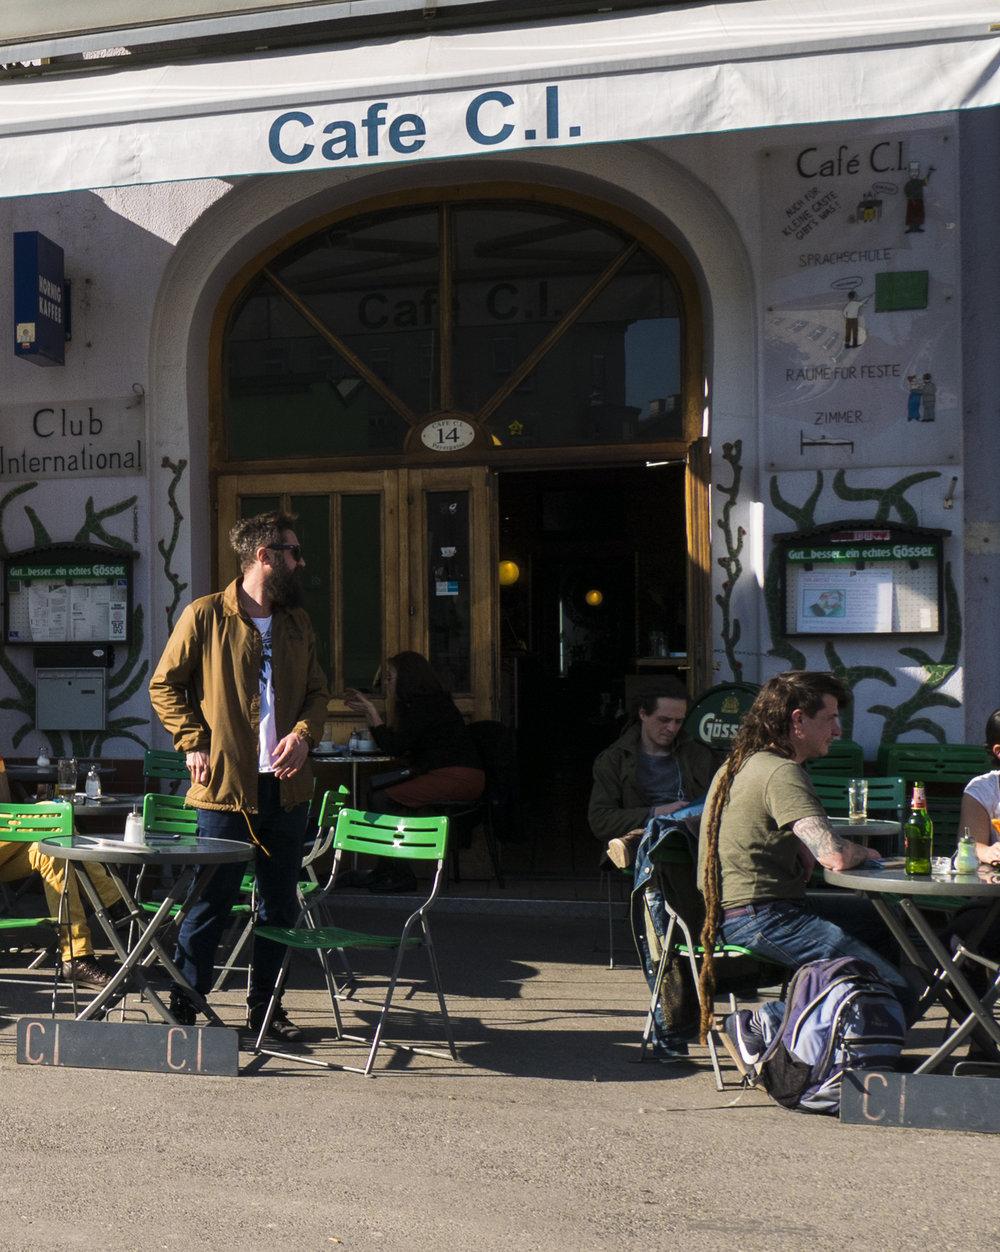 Das Cafe C.I. ist eines der wenigen nicht hippen Lokale am Yppenplatz und das einzige das bereits um 09.00 Uhr morgens seine Pforten öffnet und Frühstück anbietet. Es gibt akzeptable Hausmannskost, keine sonderbaren Getränkeexperimente sondern einen bodenständigen Spritzer oder Bier.